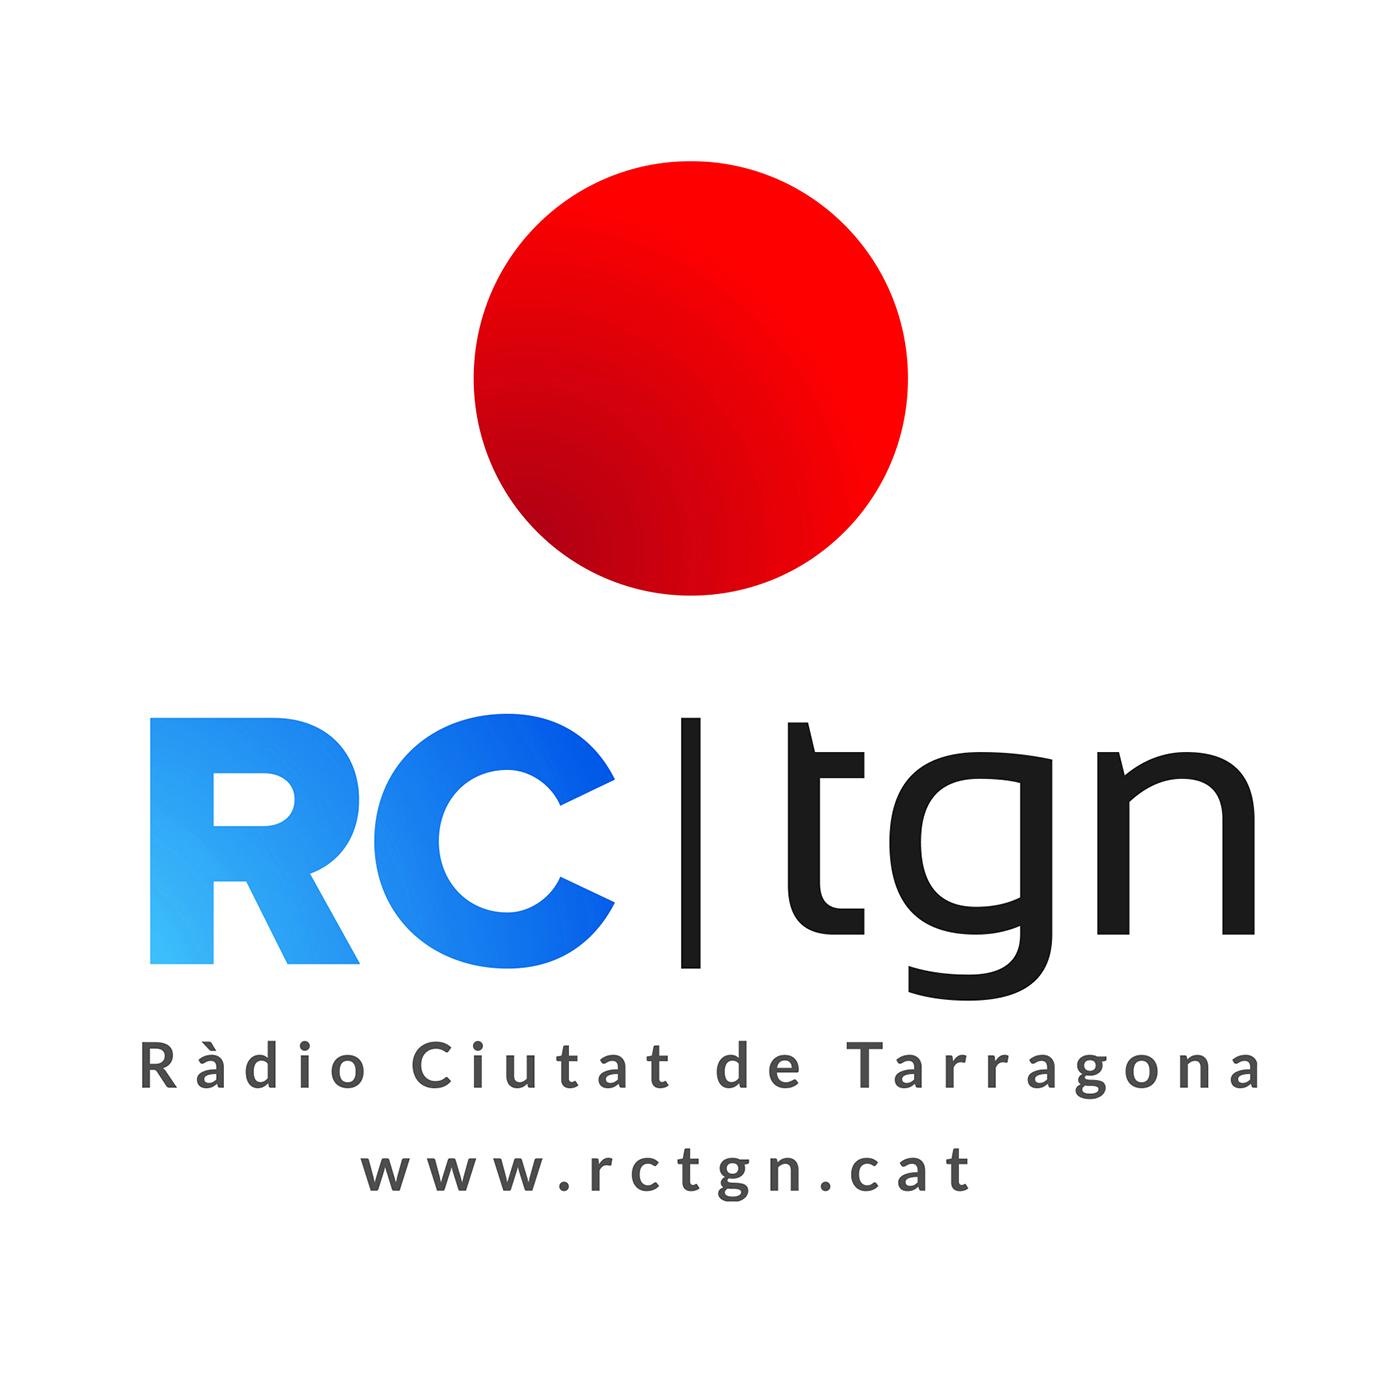 Ràdio Ciutat de Tarragona - rctgn.cat